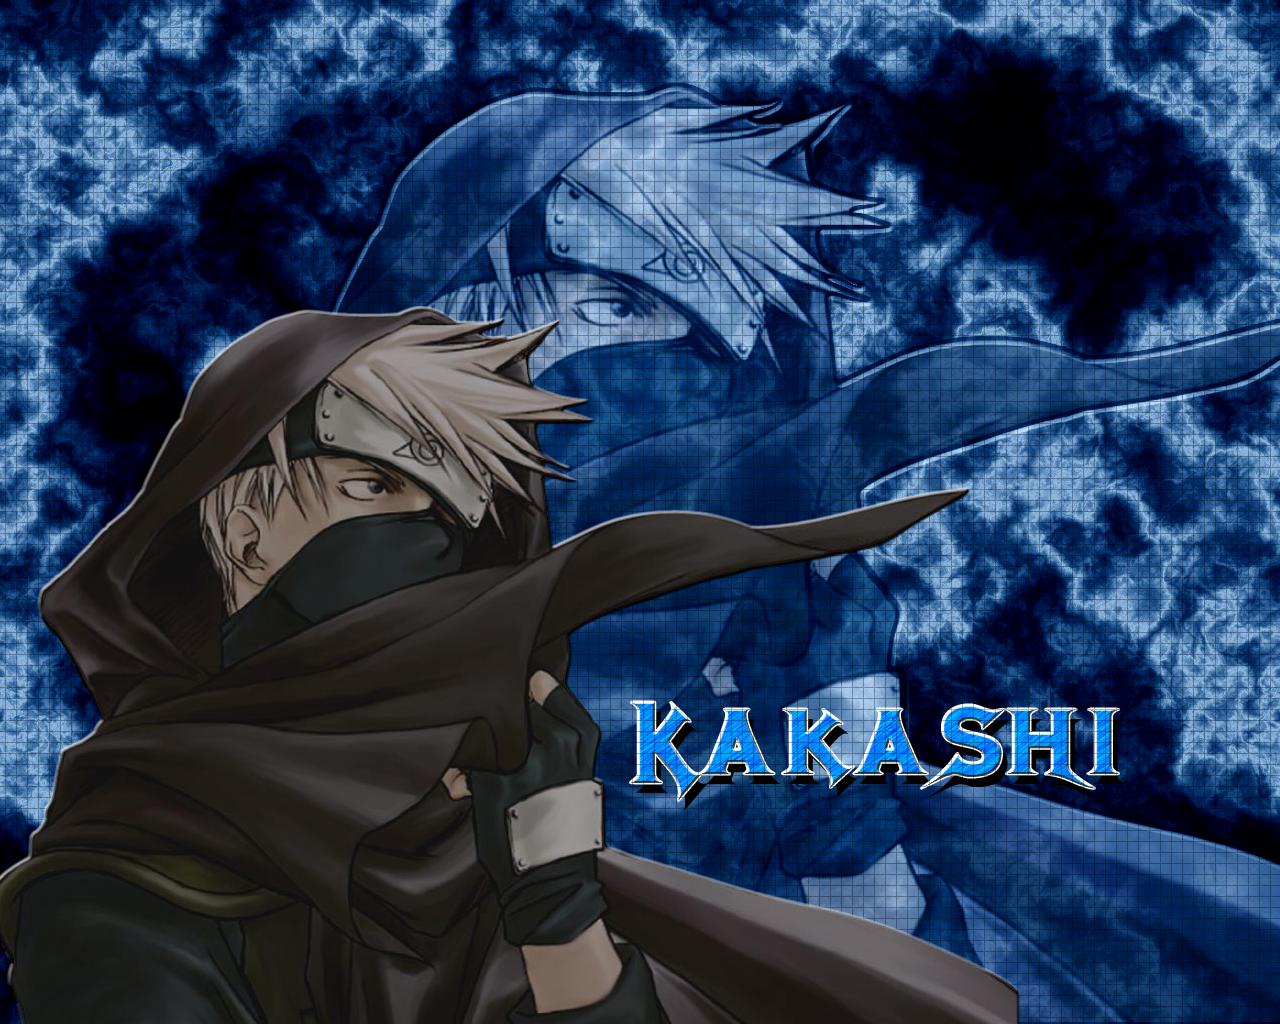 Kakashi Wallpaper by Djman5000 1280x1024